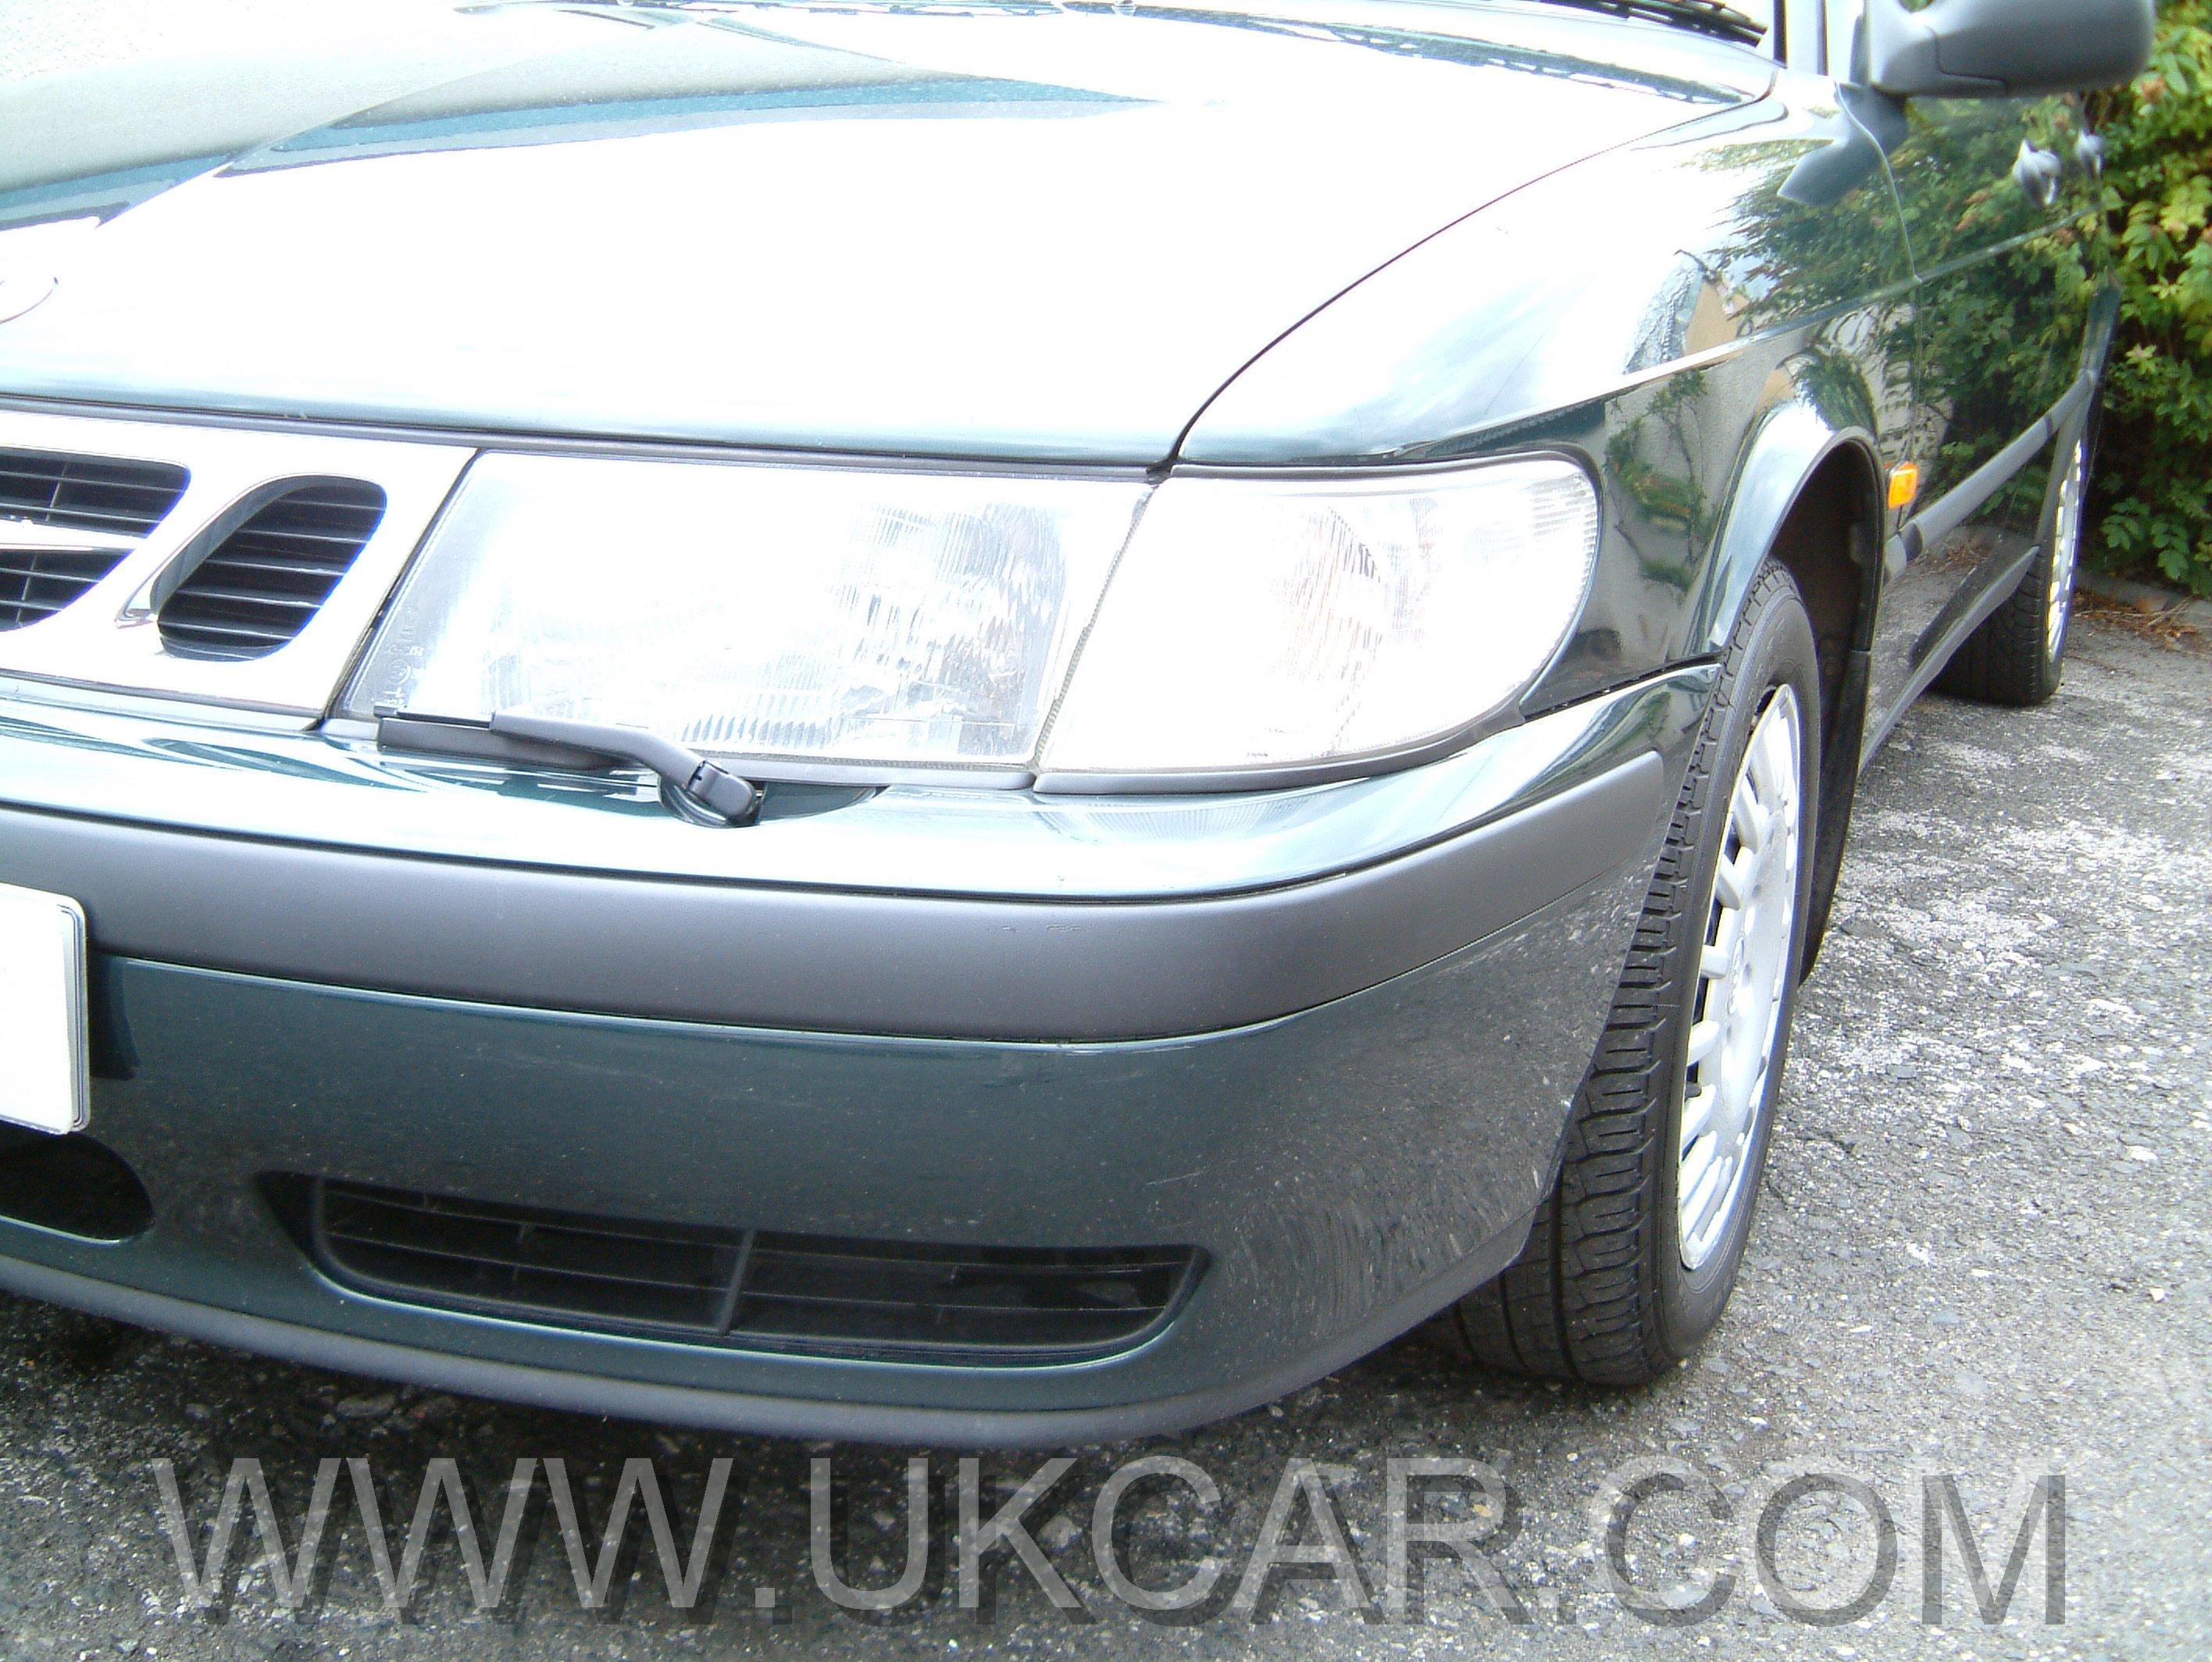 Rental Car Flat Tire Who Pays Enterprise